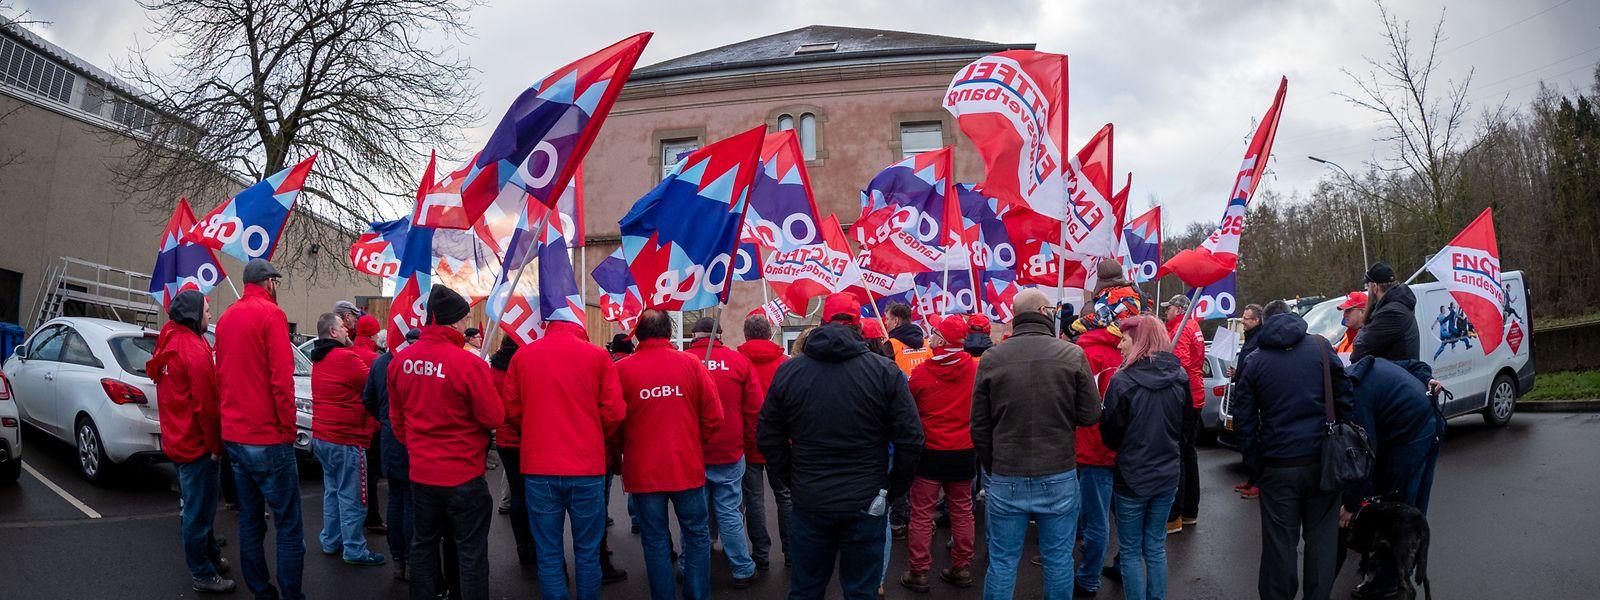 Bilder von gewerkschaftlichen Protesten werden in der Zukunft häufiger zu sehen sein.